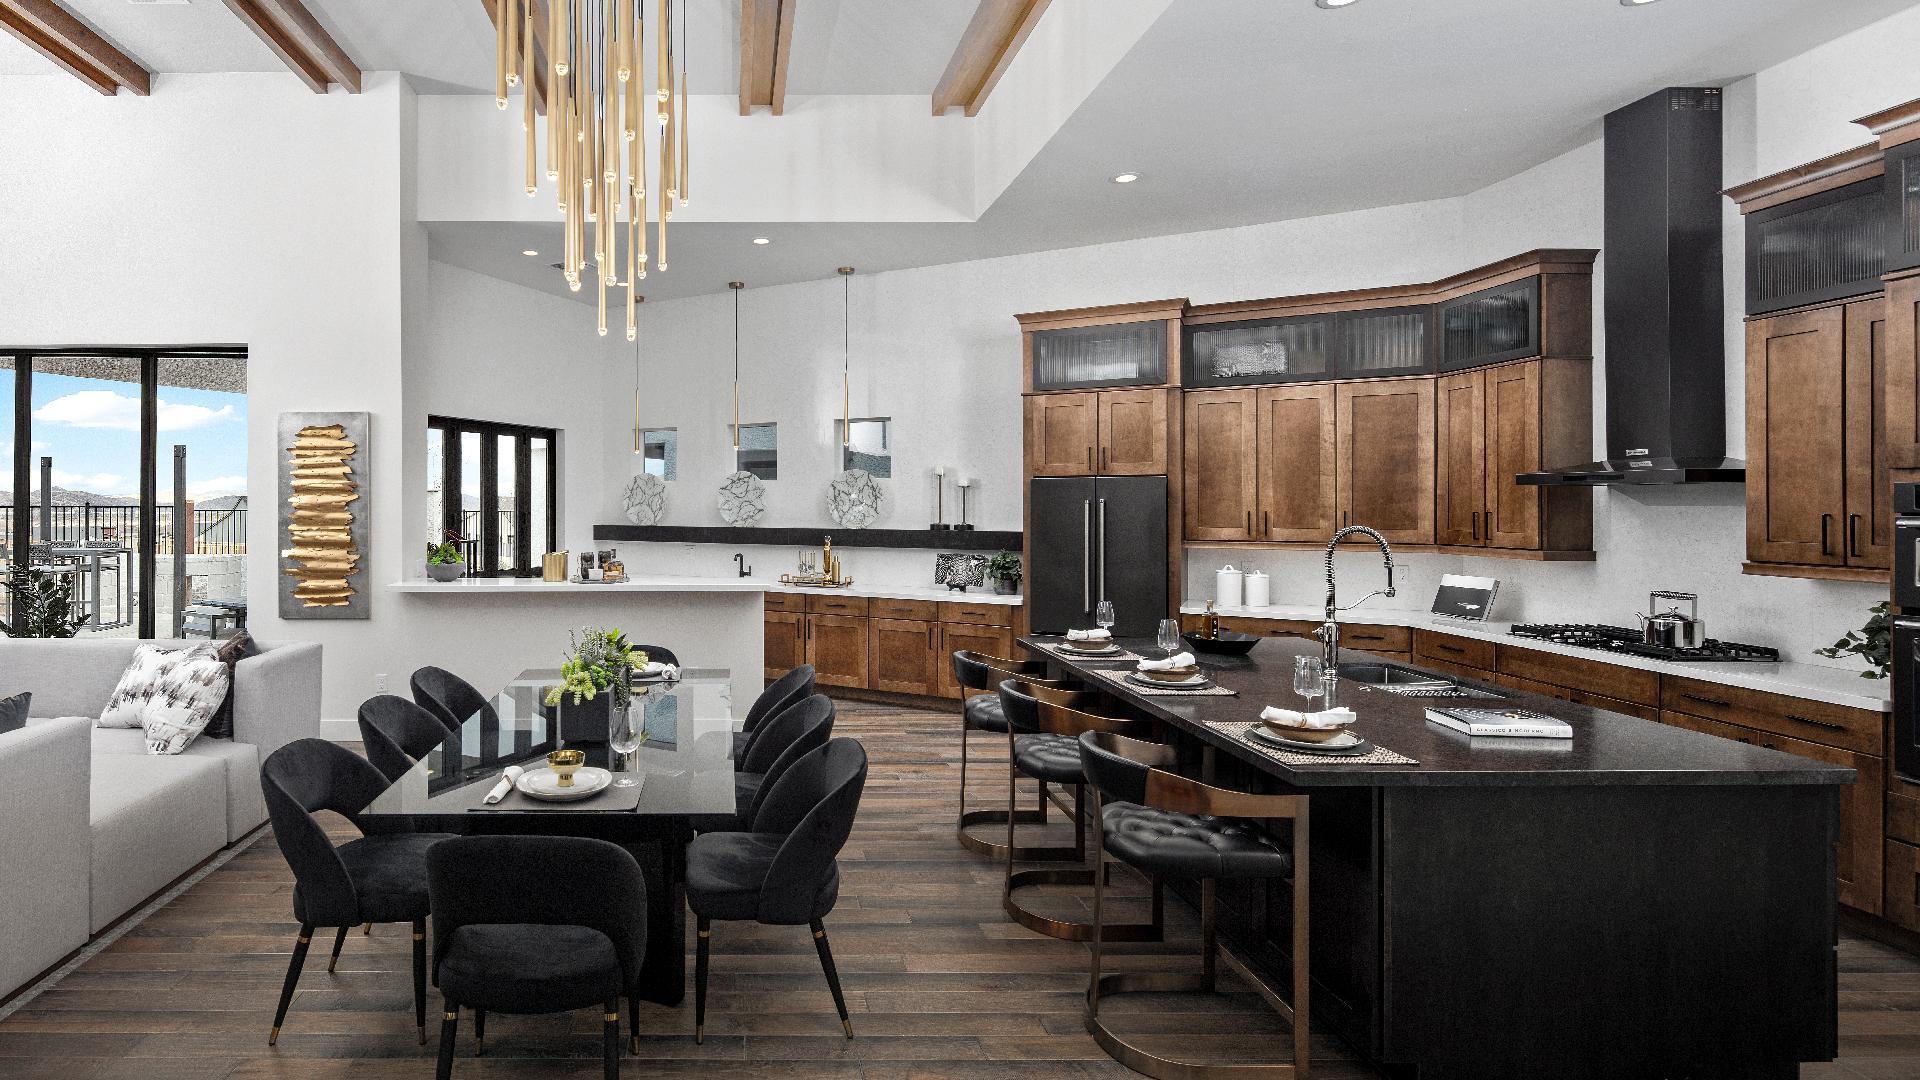 Austin gourmet kitchen